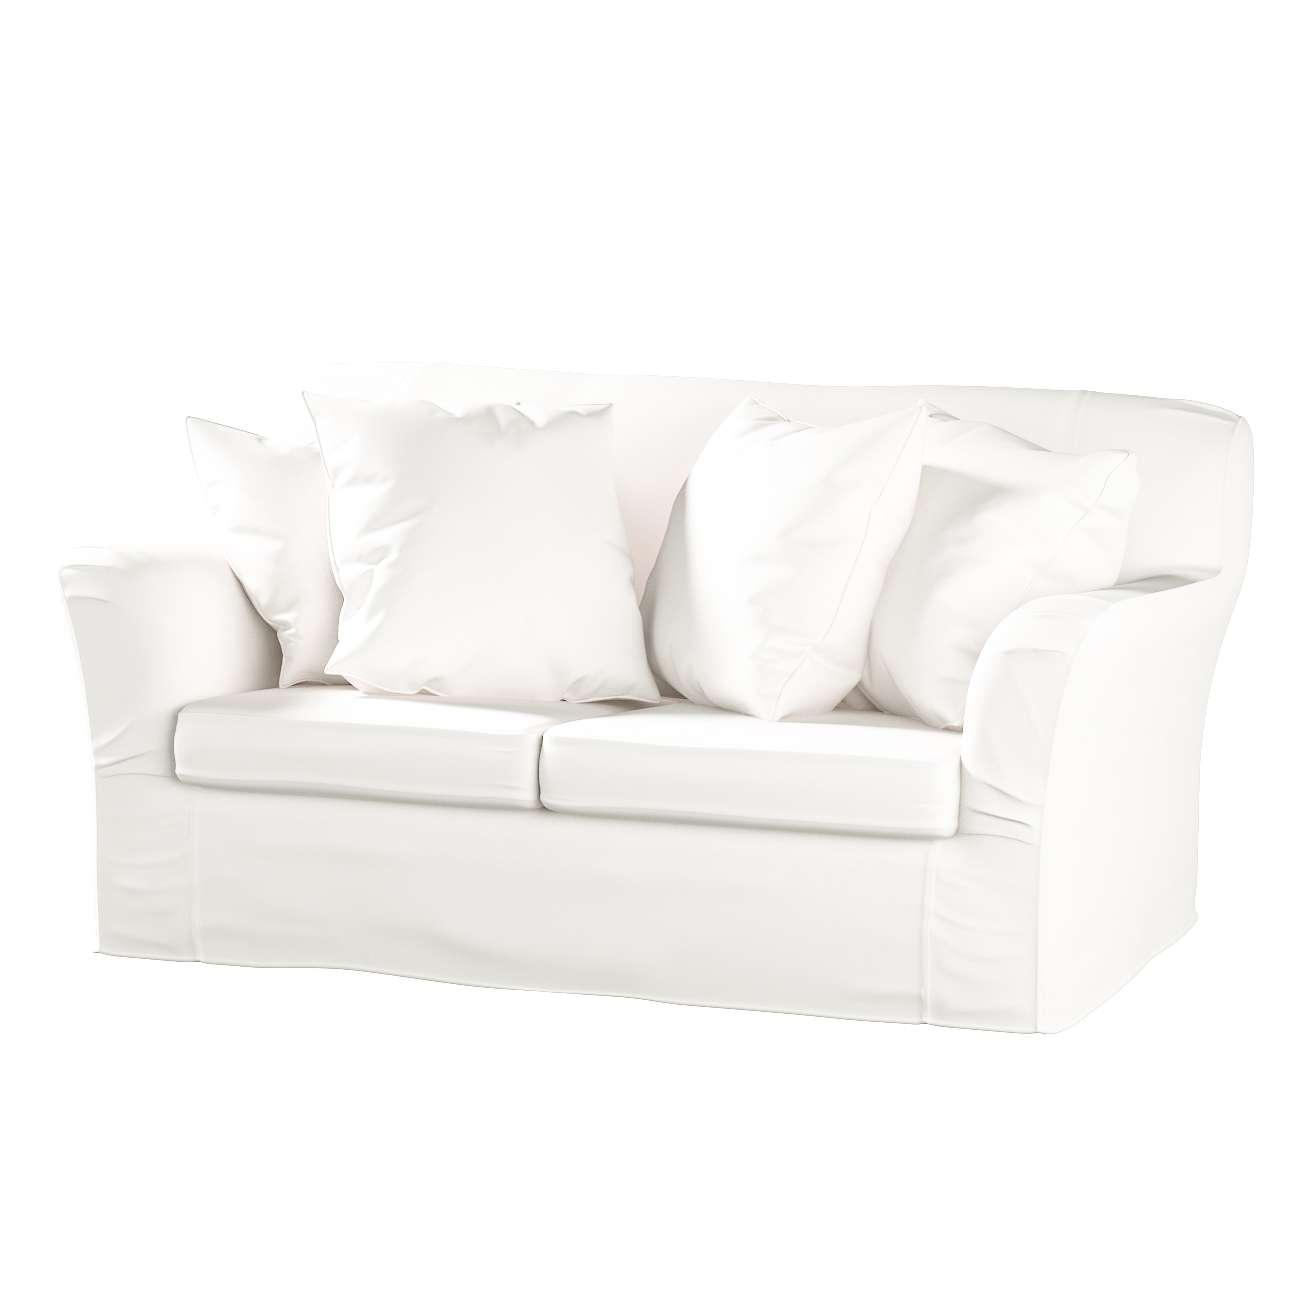 Pokrowiec na sofę Tomelilla 2-osobową nierozkładaną Sofa Tomelilla 2-osobowa w kolekcji Cotton Panama, tkanina: 702-34